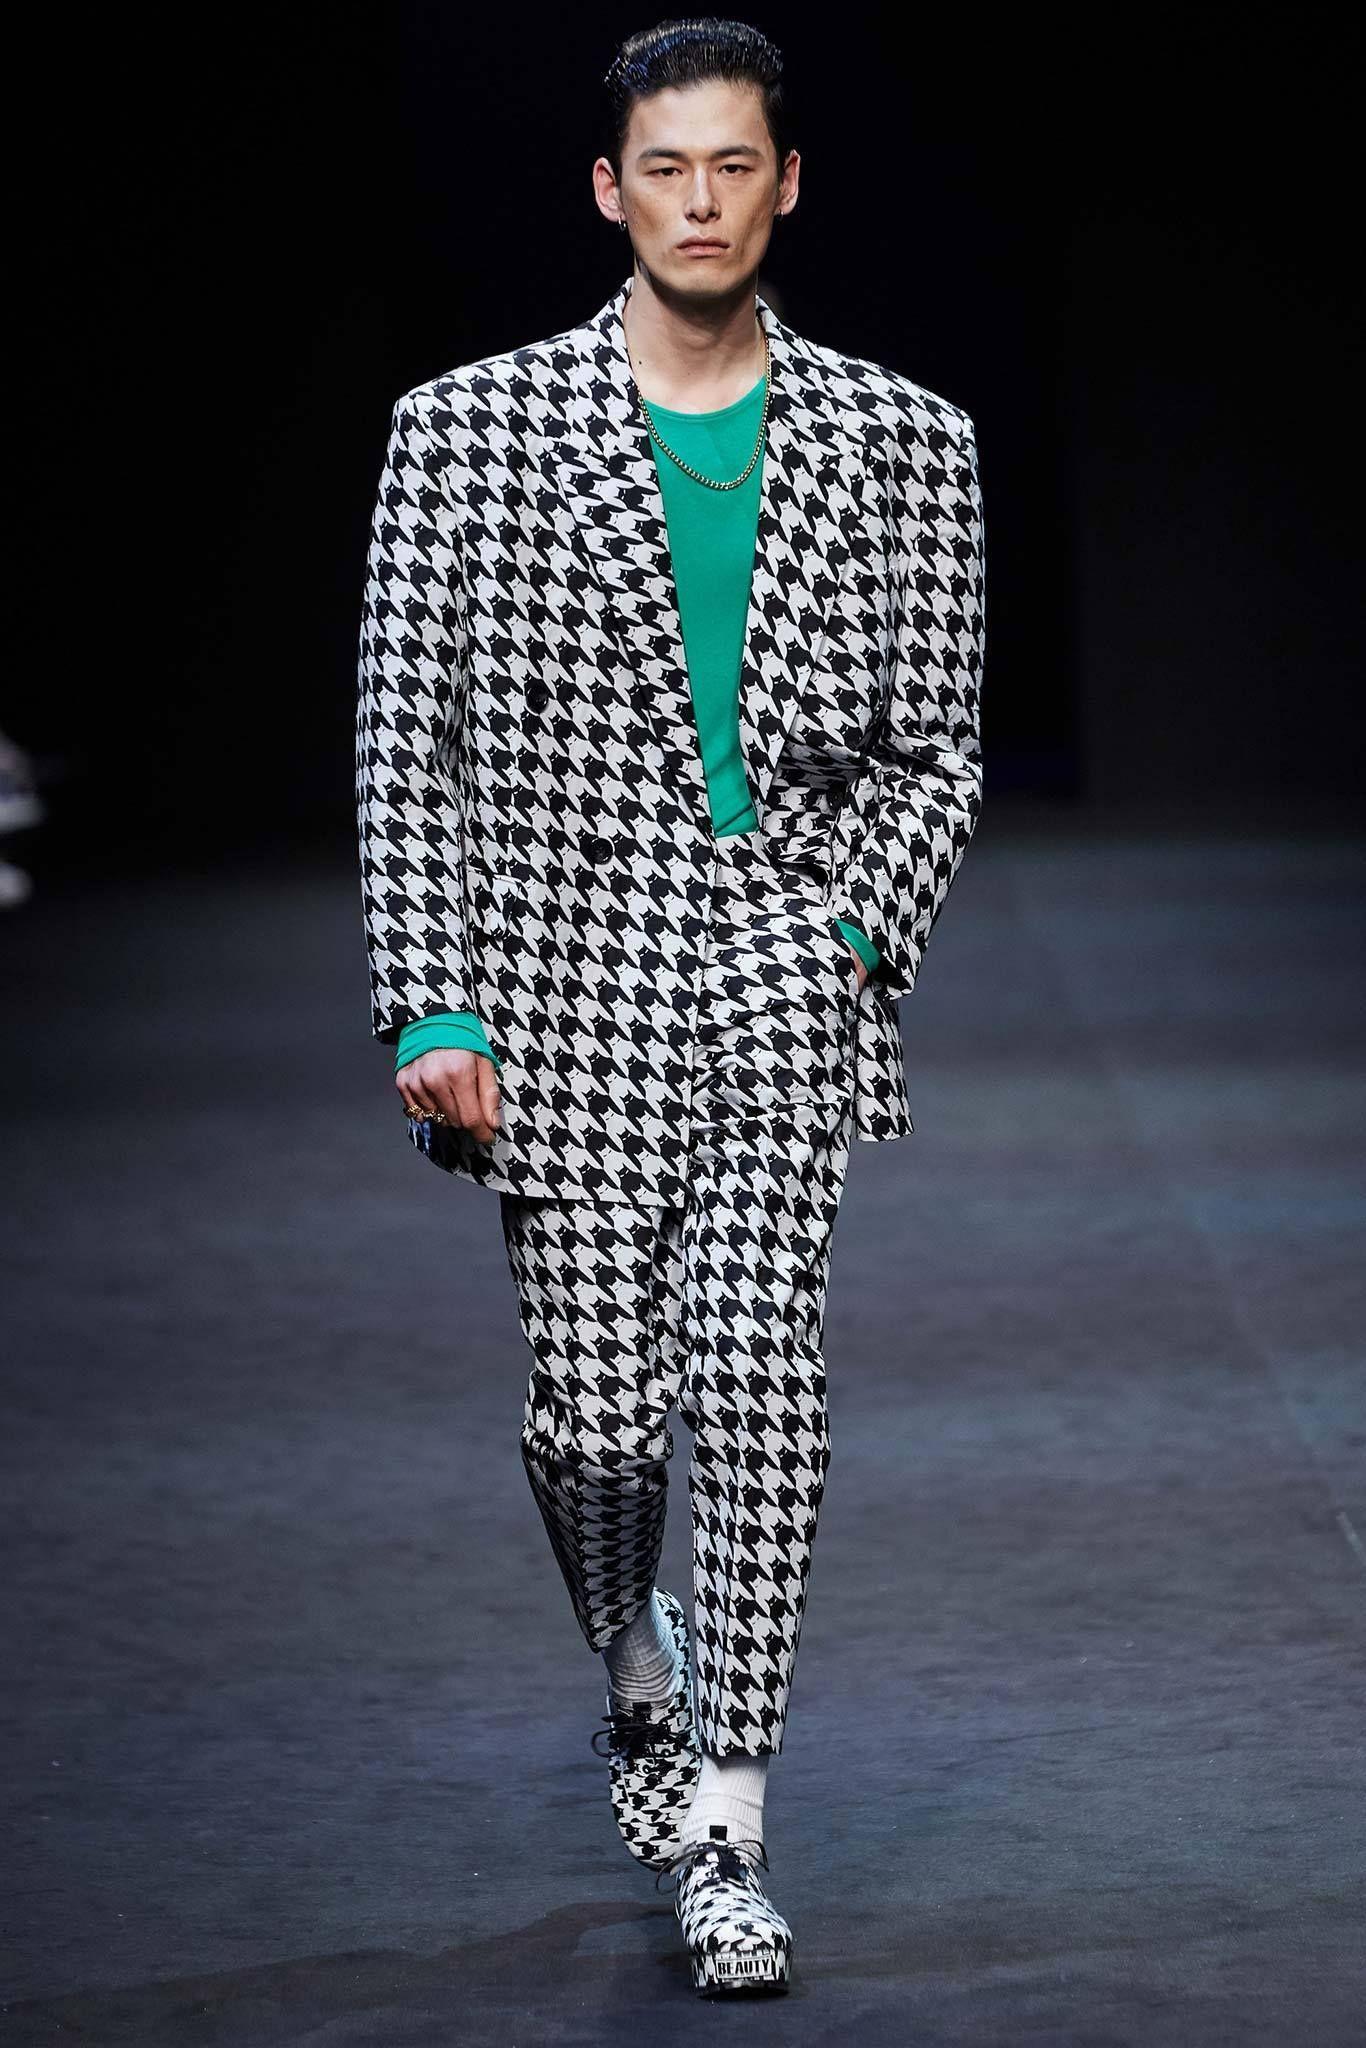 Pushbutton Fall Winter 2015-16 Collection Otoño Invierno #Menswear #Trends #Tendencias #Moda Hombre